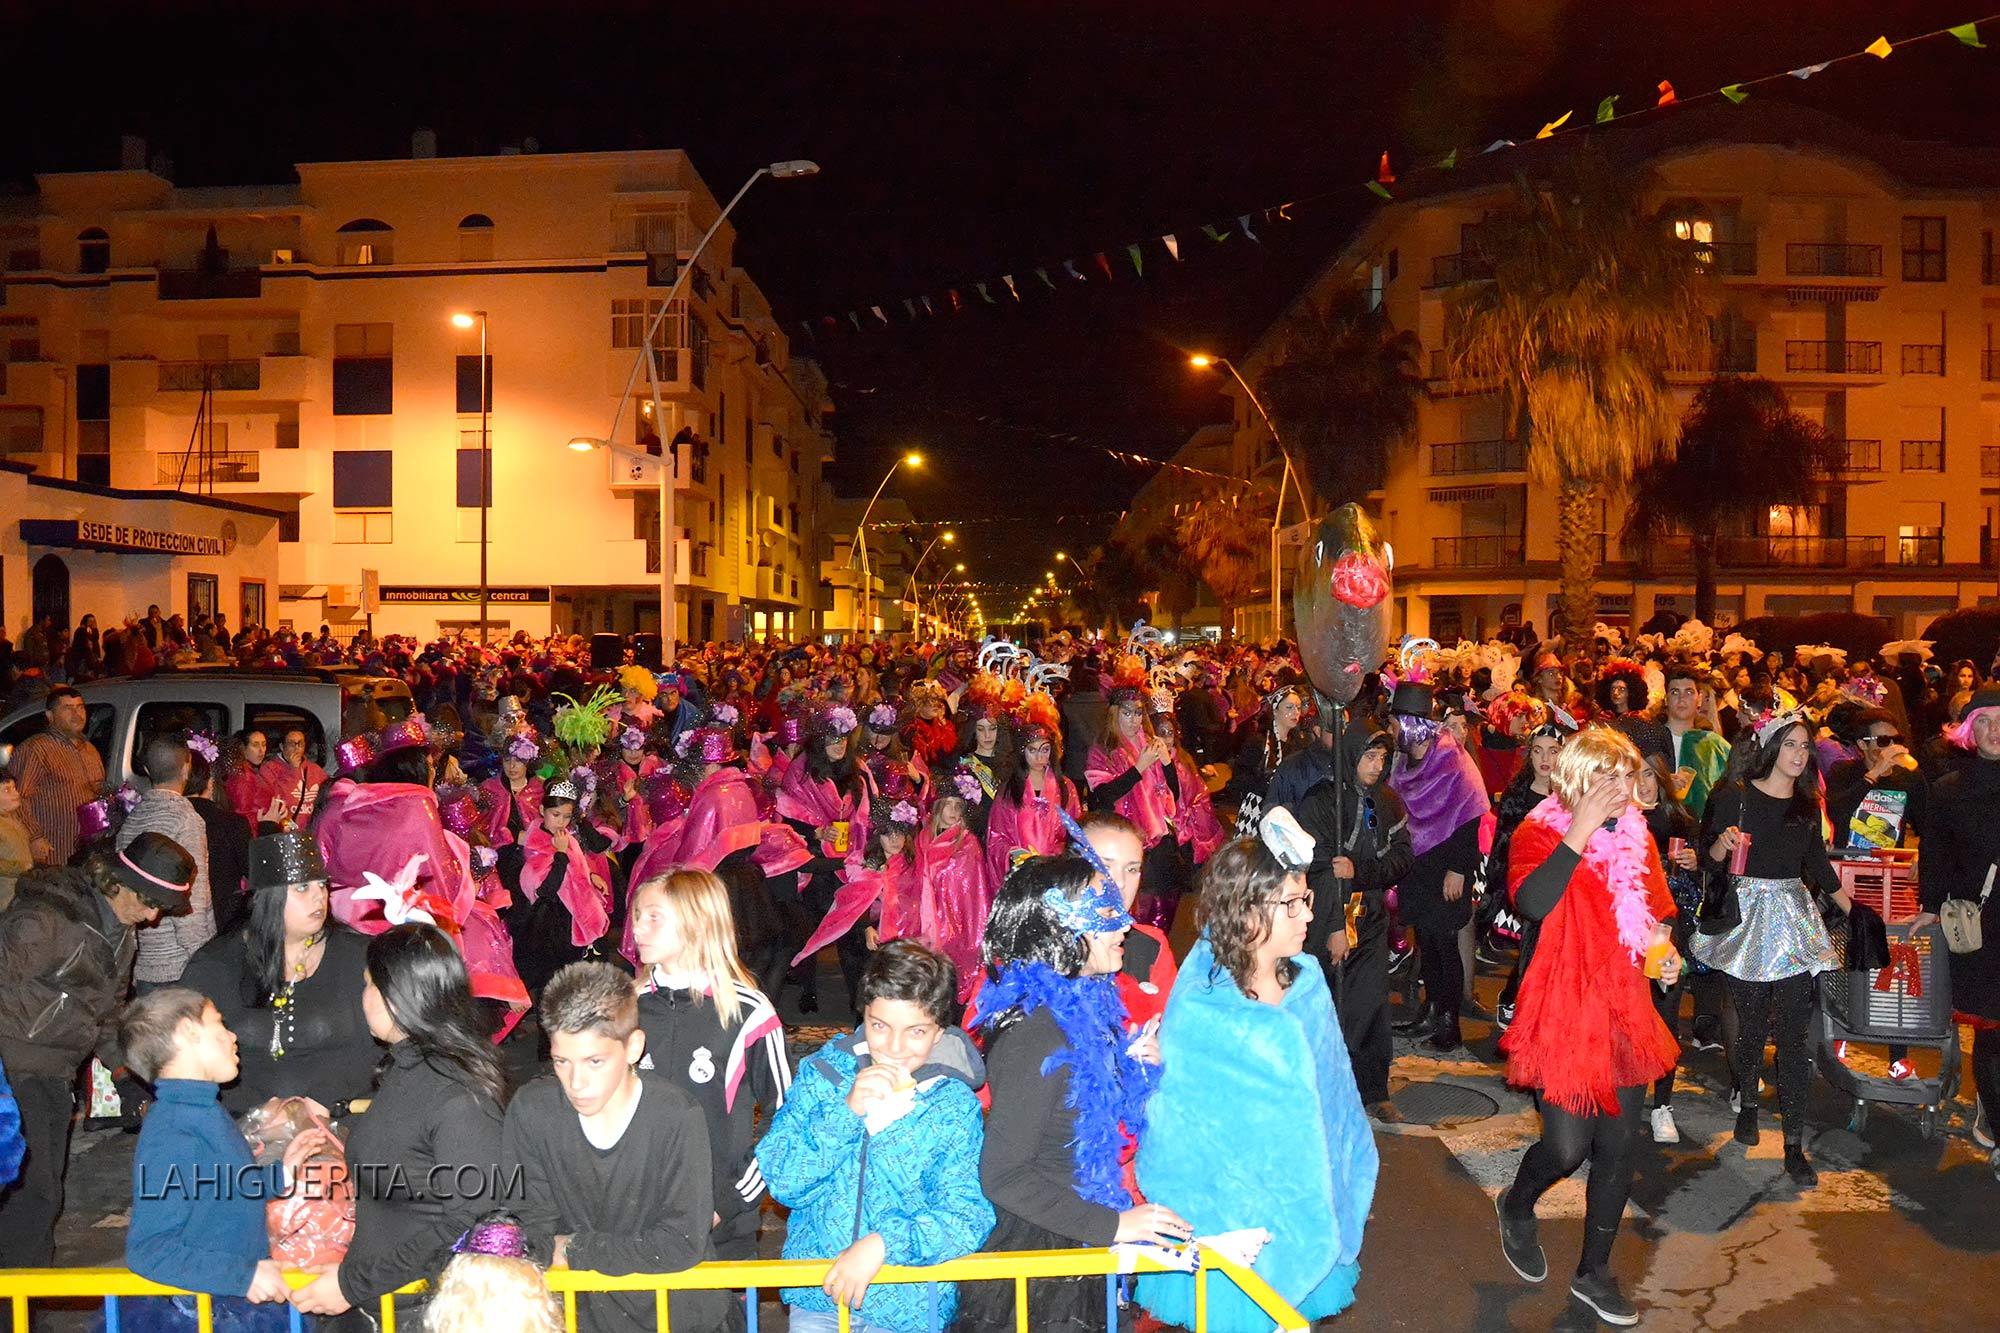 Entierro de la sardina carnaval isla cristina _DSC2336